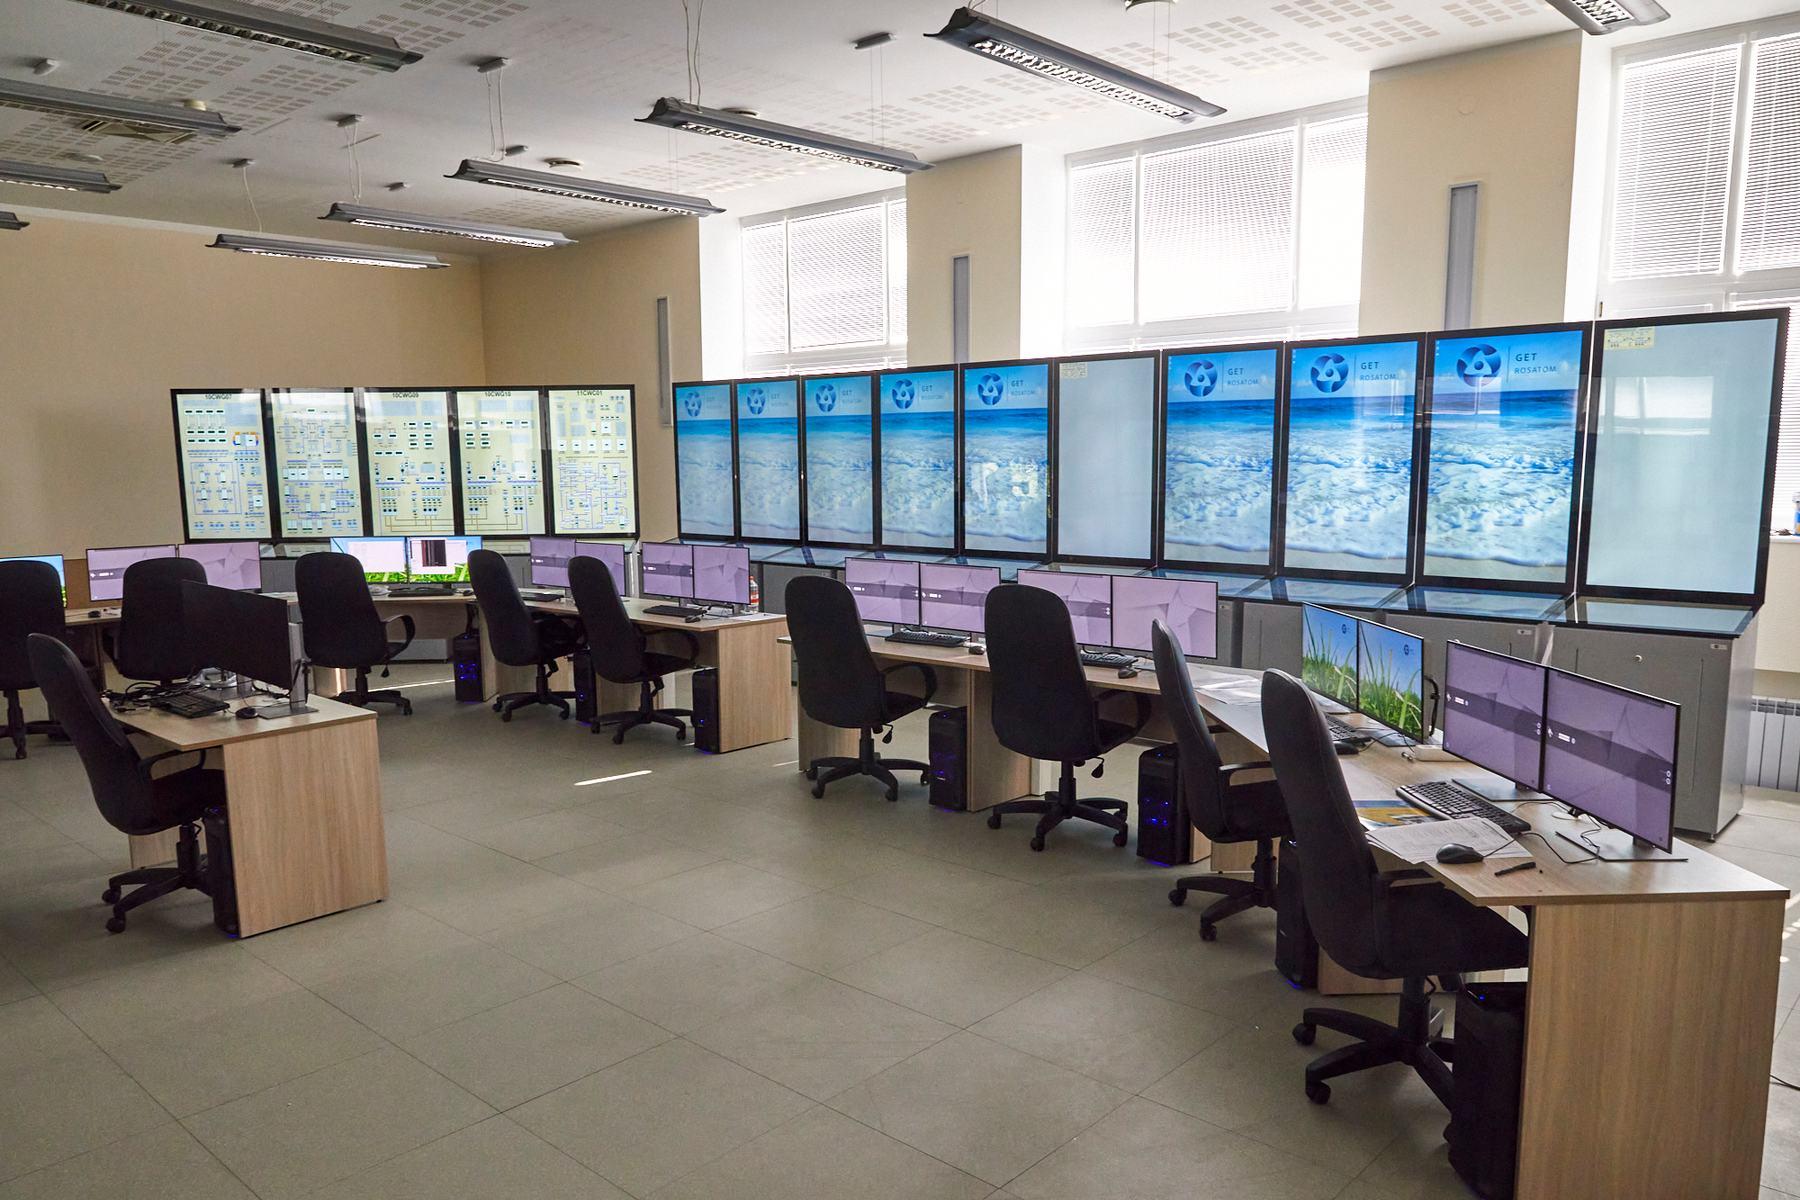 Завершилось оснащение аналитическими тренажерами учебных площадок Технической академии в Обнинске и Нововоронеже